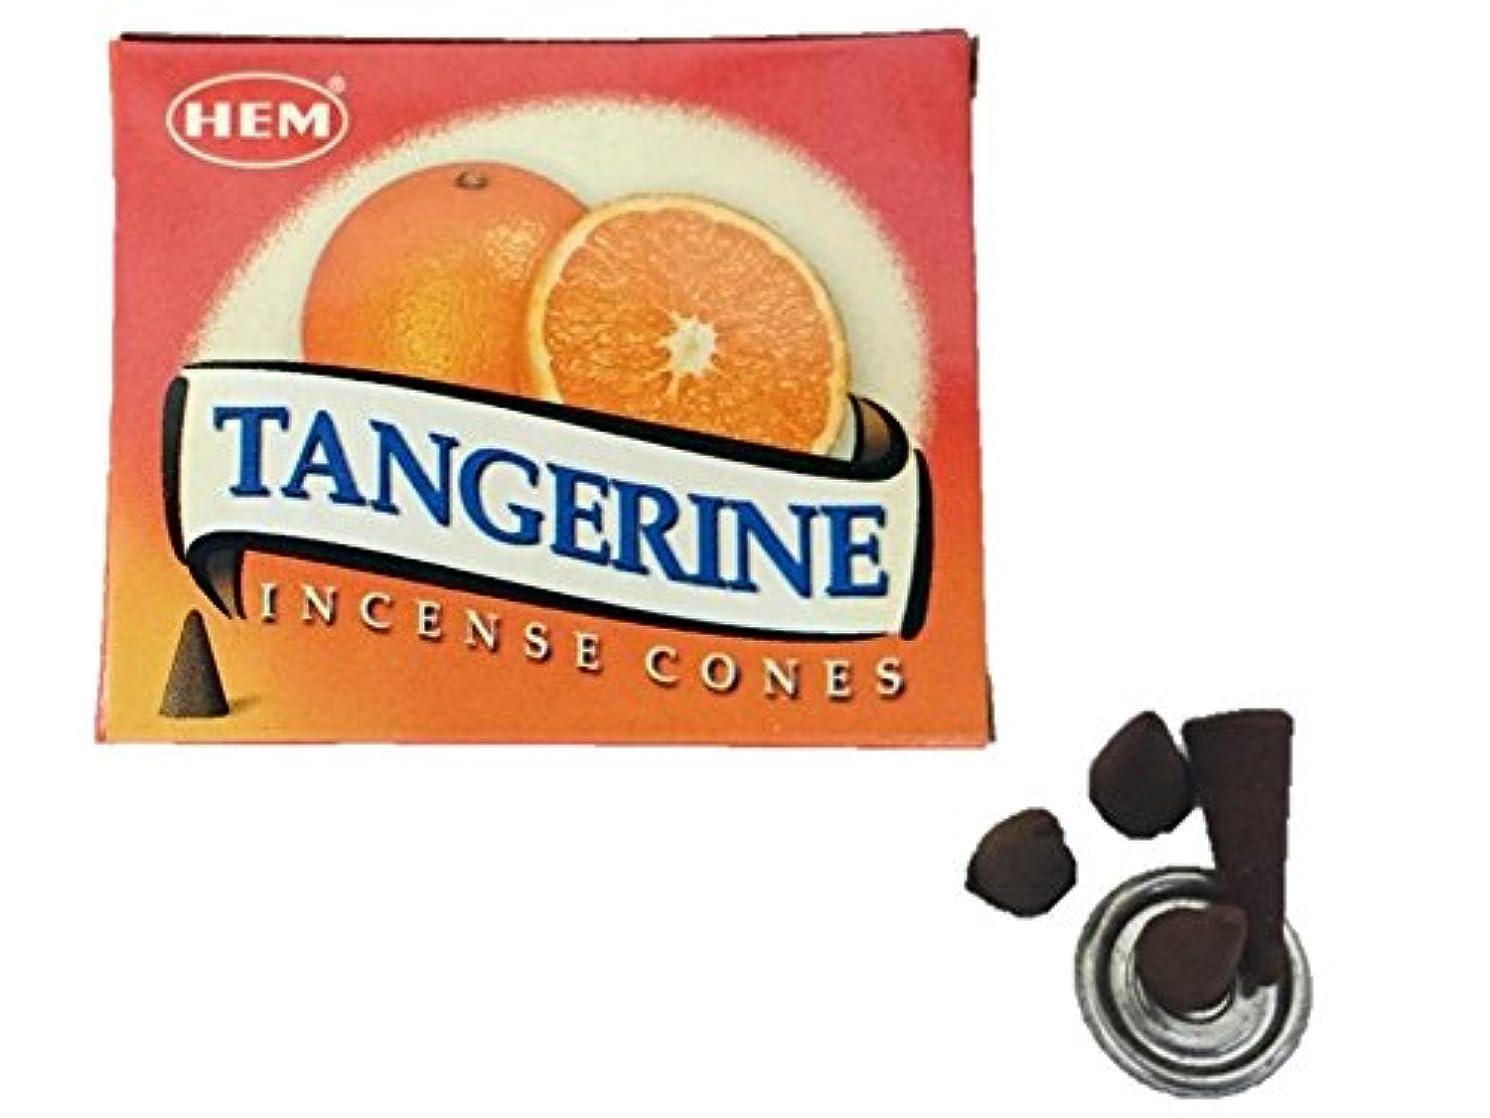 支出なかなか警察署HEM(ヘム)お香 タンジェリン(オレンジ) コーン 1箱